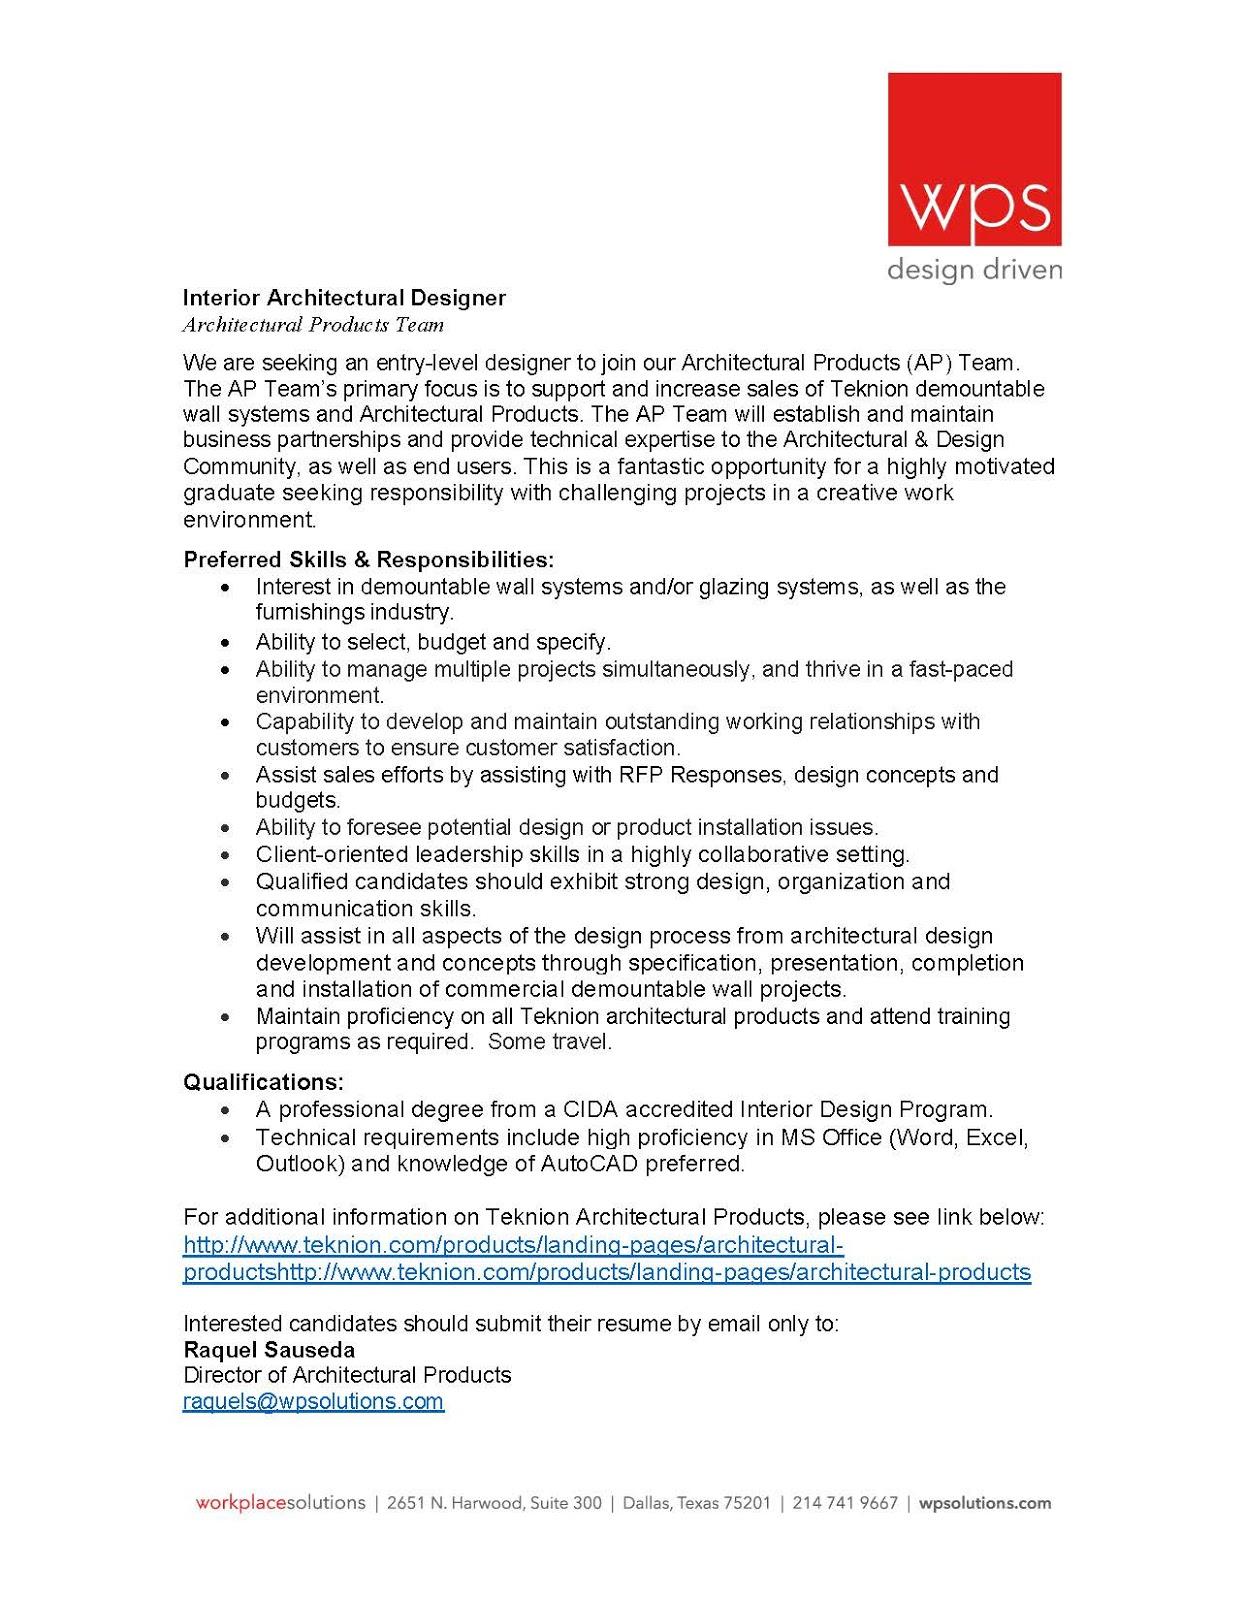 Interior design assistant jobs utah for Interior design assistant jobs